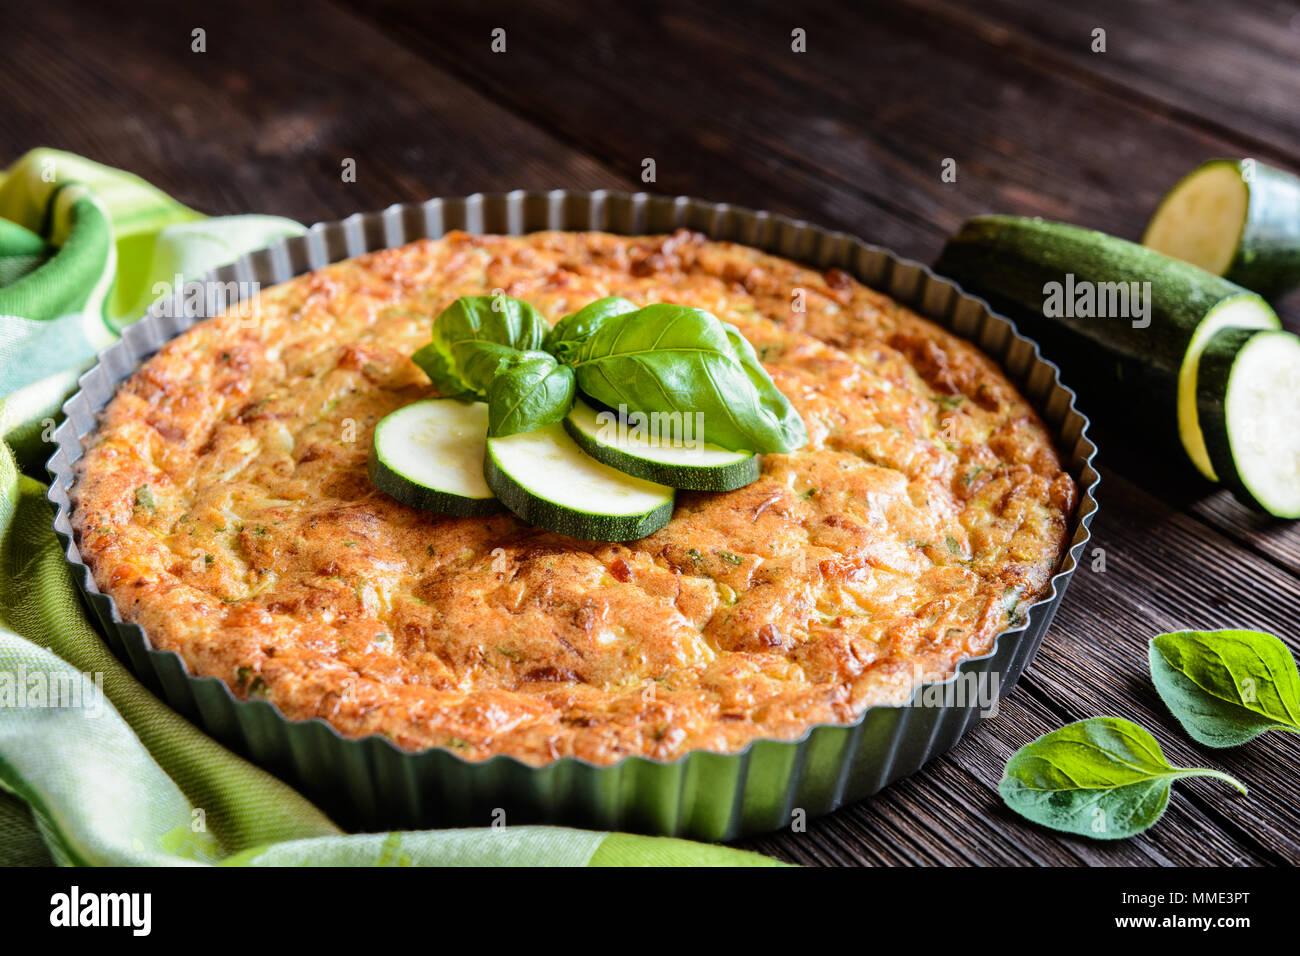 Tarta de calabacín con bacon, queso, cebolla, perejil y albahaca Imagen De Stock